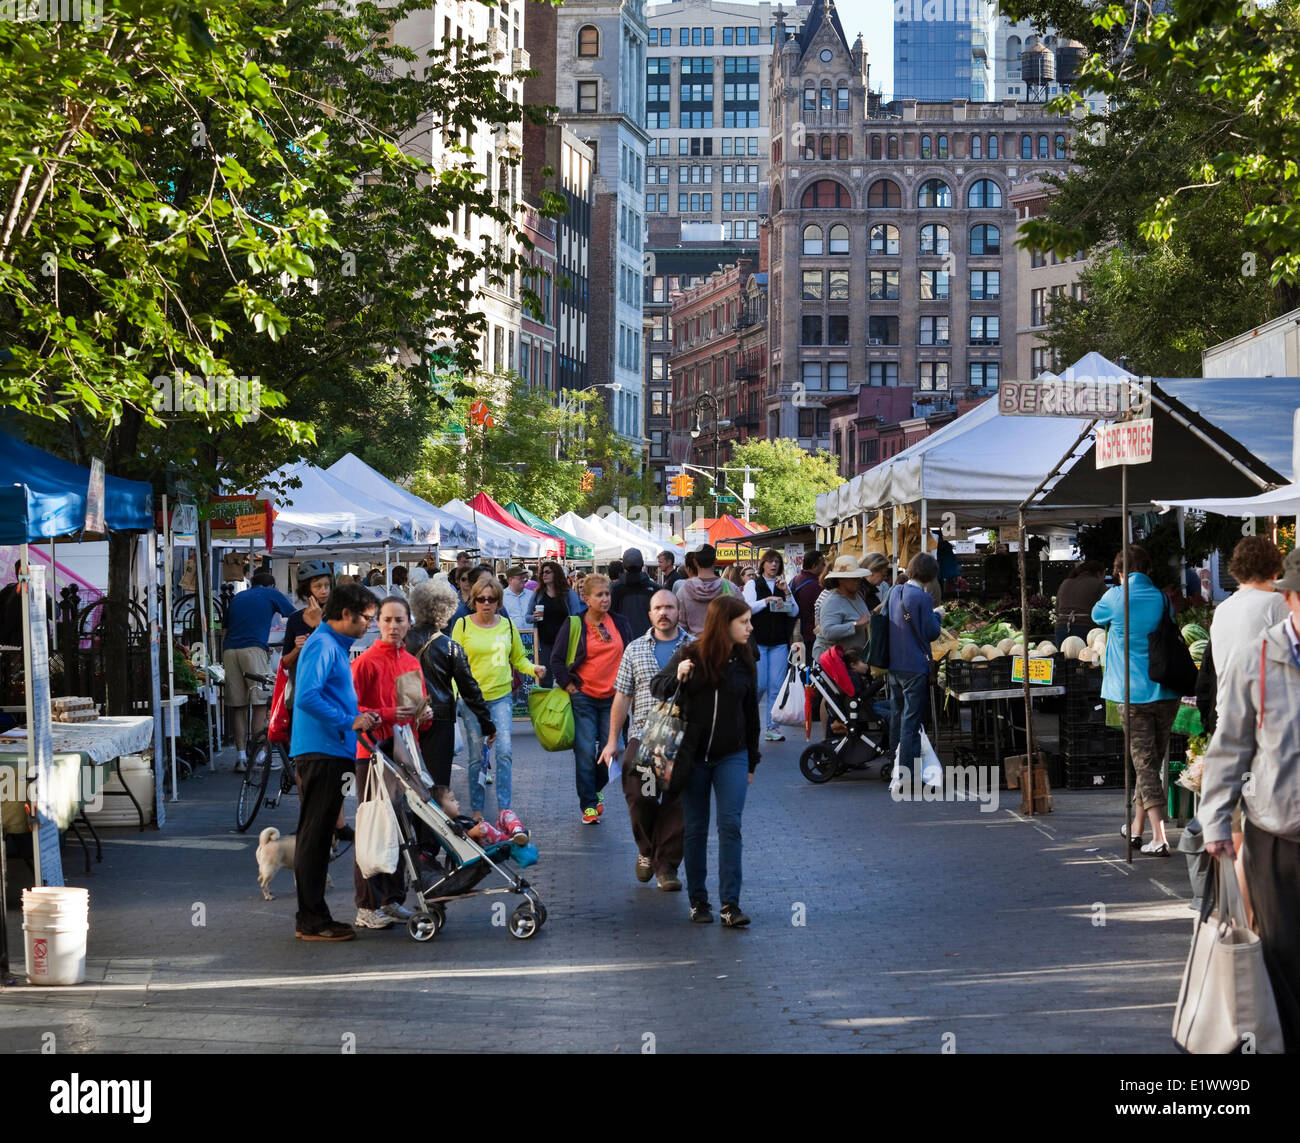 L'Union Square Greenmarket est un marché de producteurs qui a lieu quatre jours par semaine dans l'Union Photo Stock